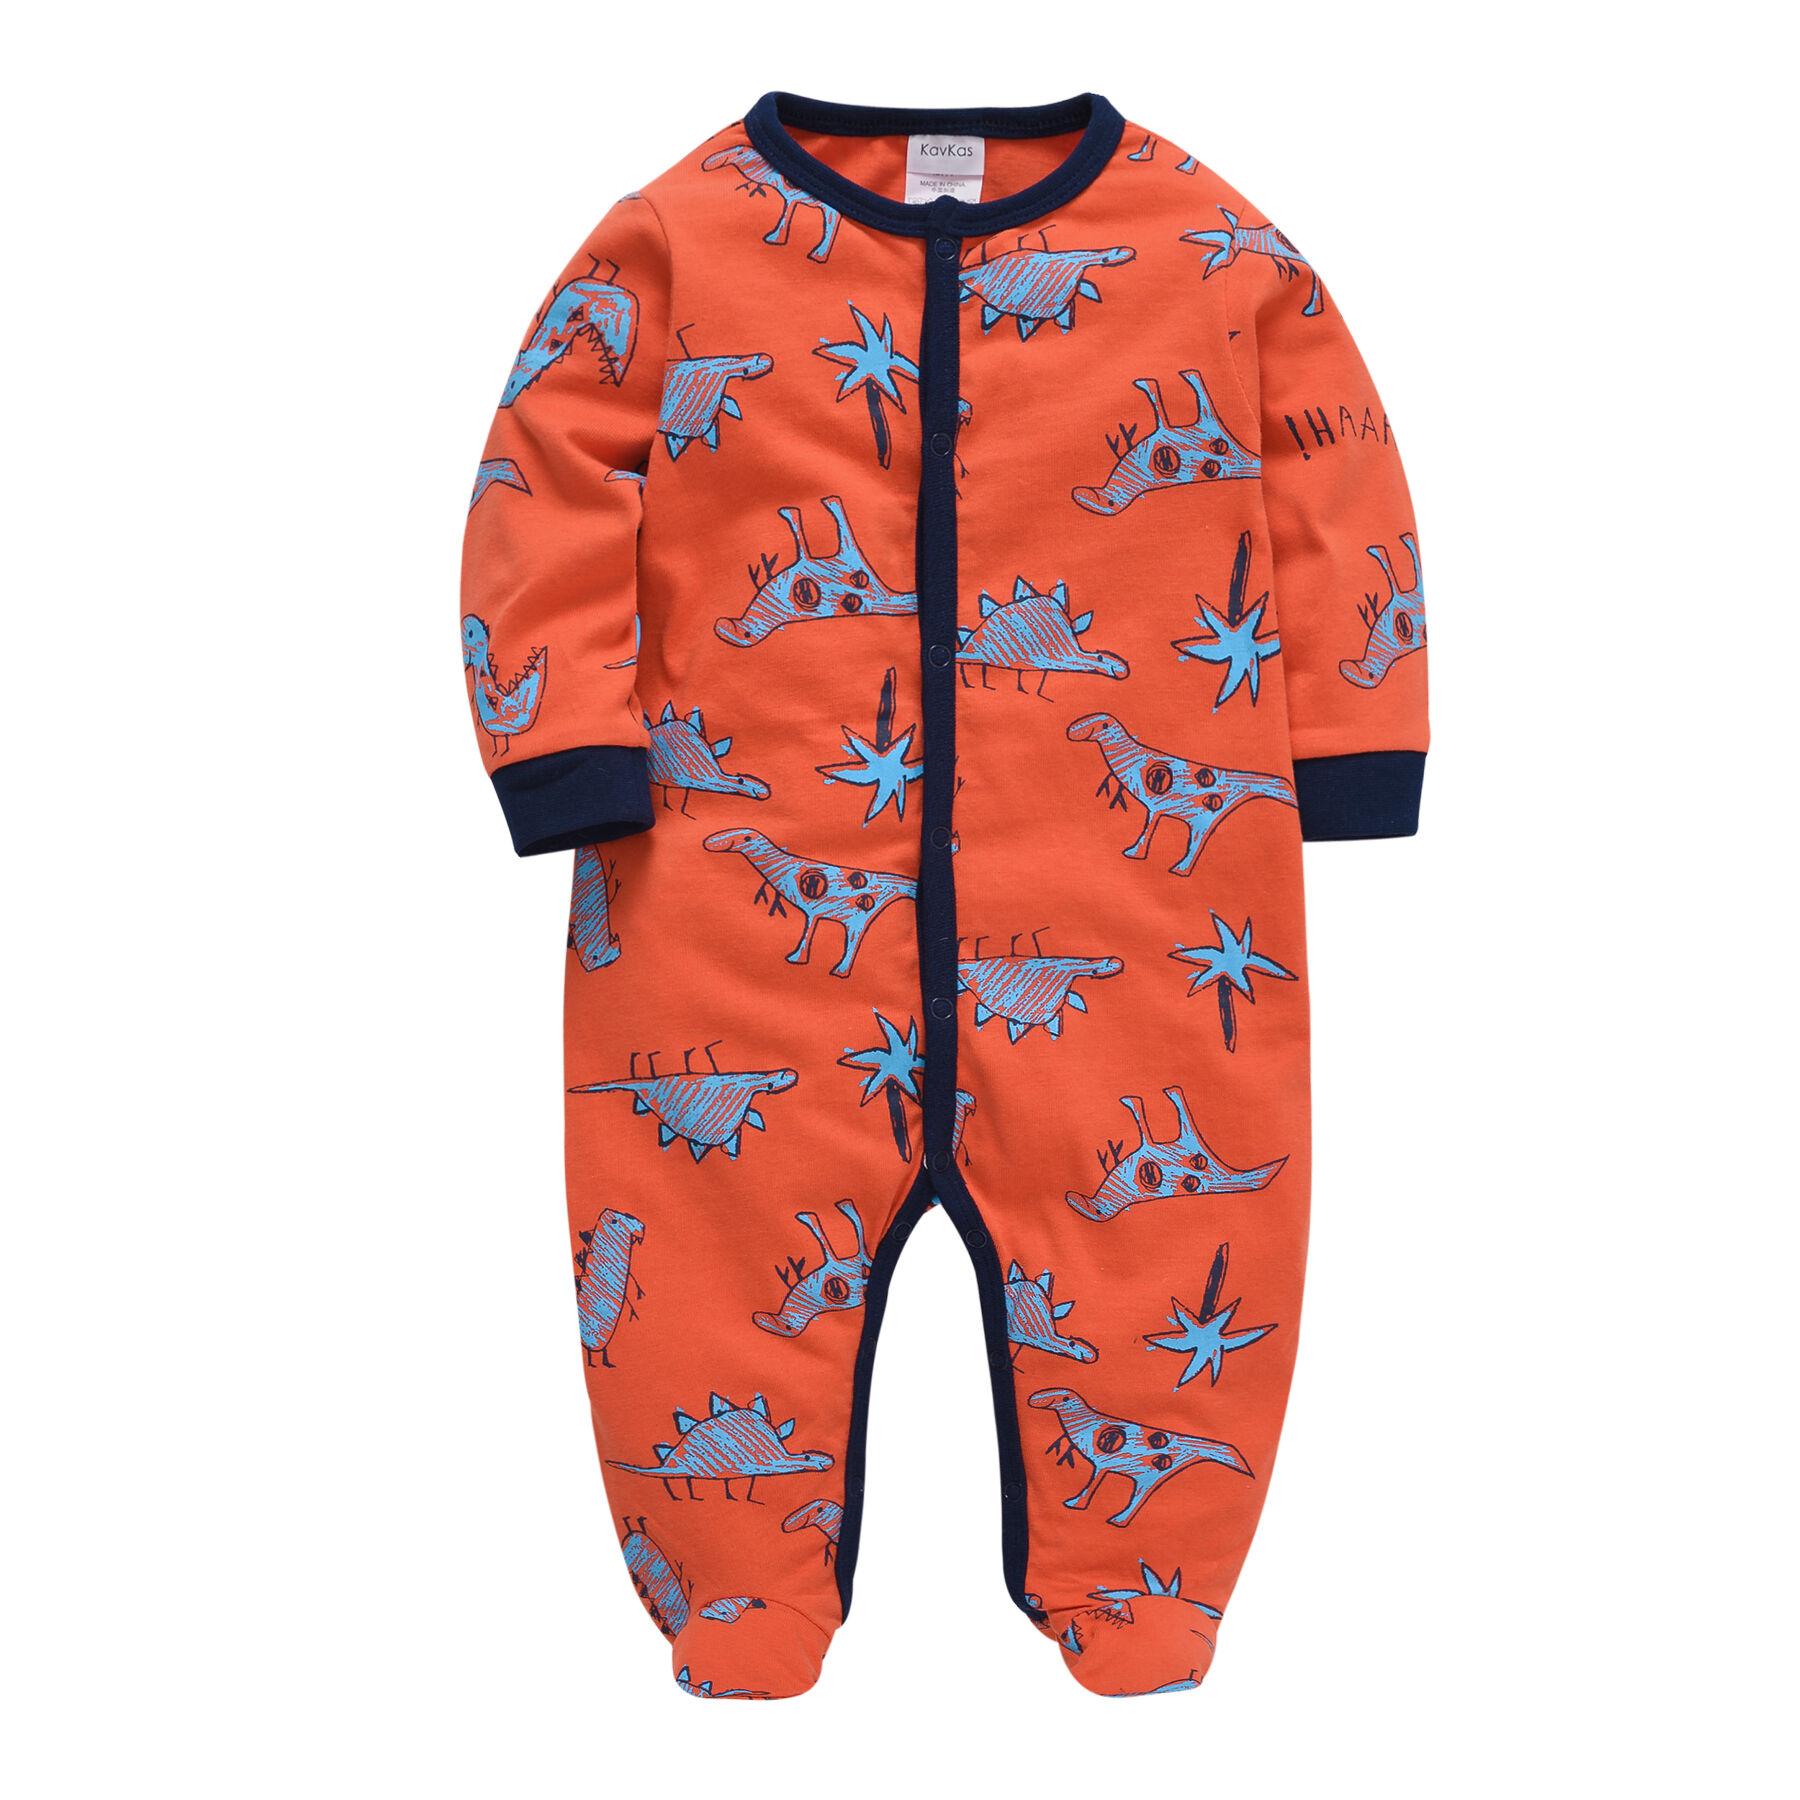 Bébé Garçon Barboteuses enfants vêtements coton tissu nouveau-né à manches longues